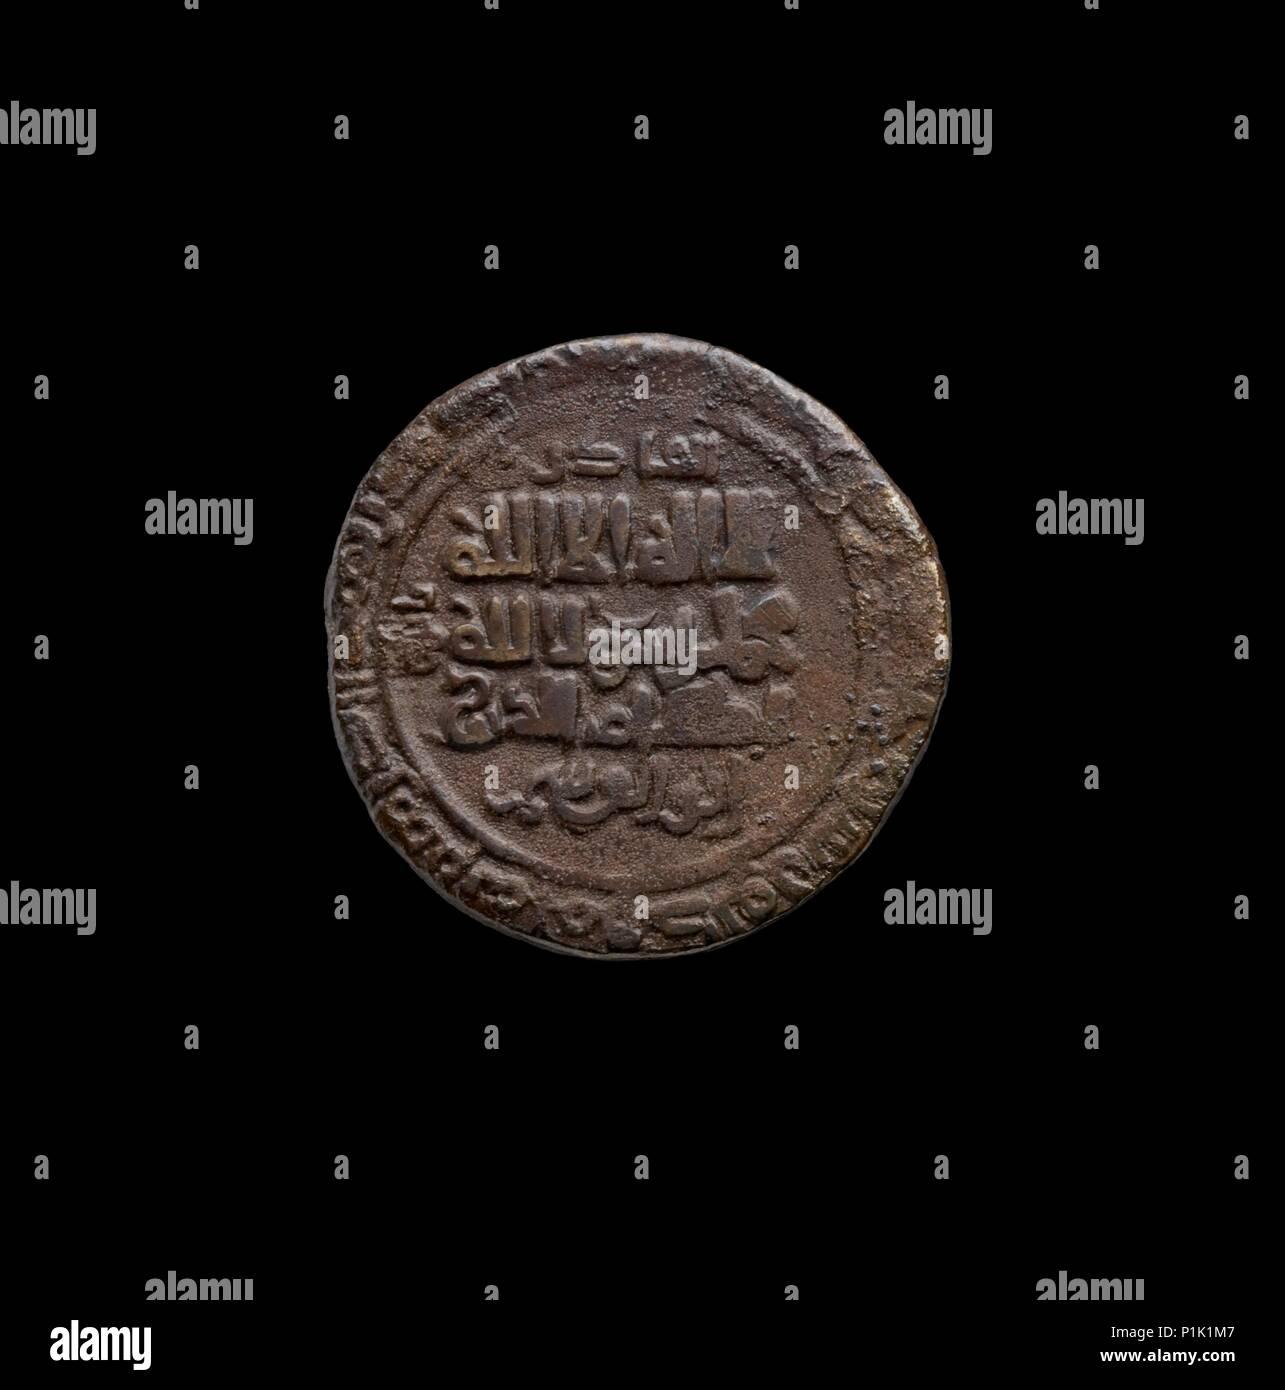 Der Ghaznawiden Münze 999 1030 Abmessung Durchmesser 19